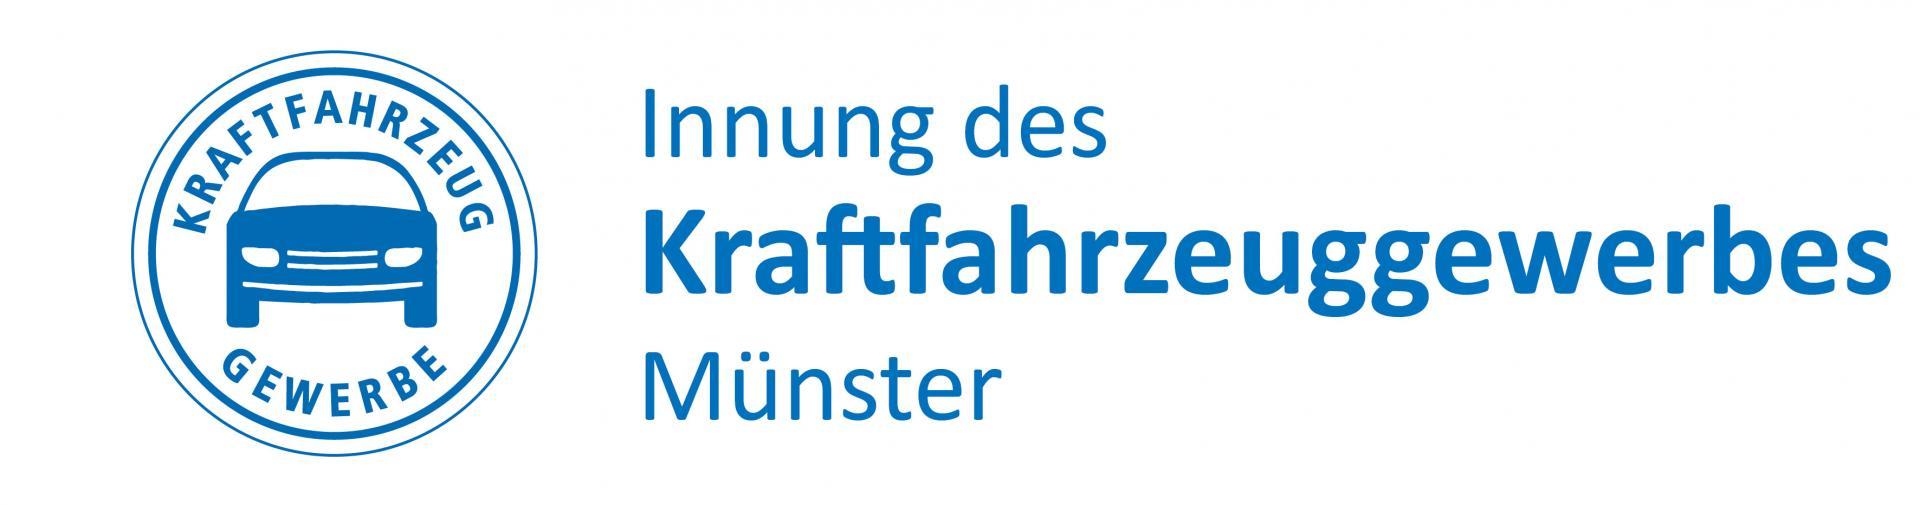 Innung des Kraftfahrzeuggewerbes Münster